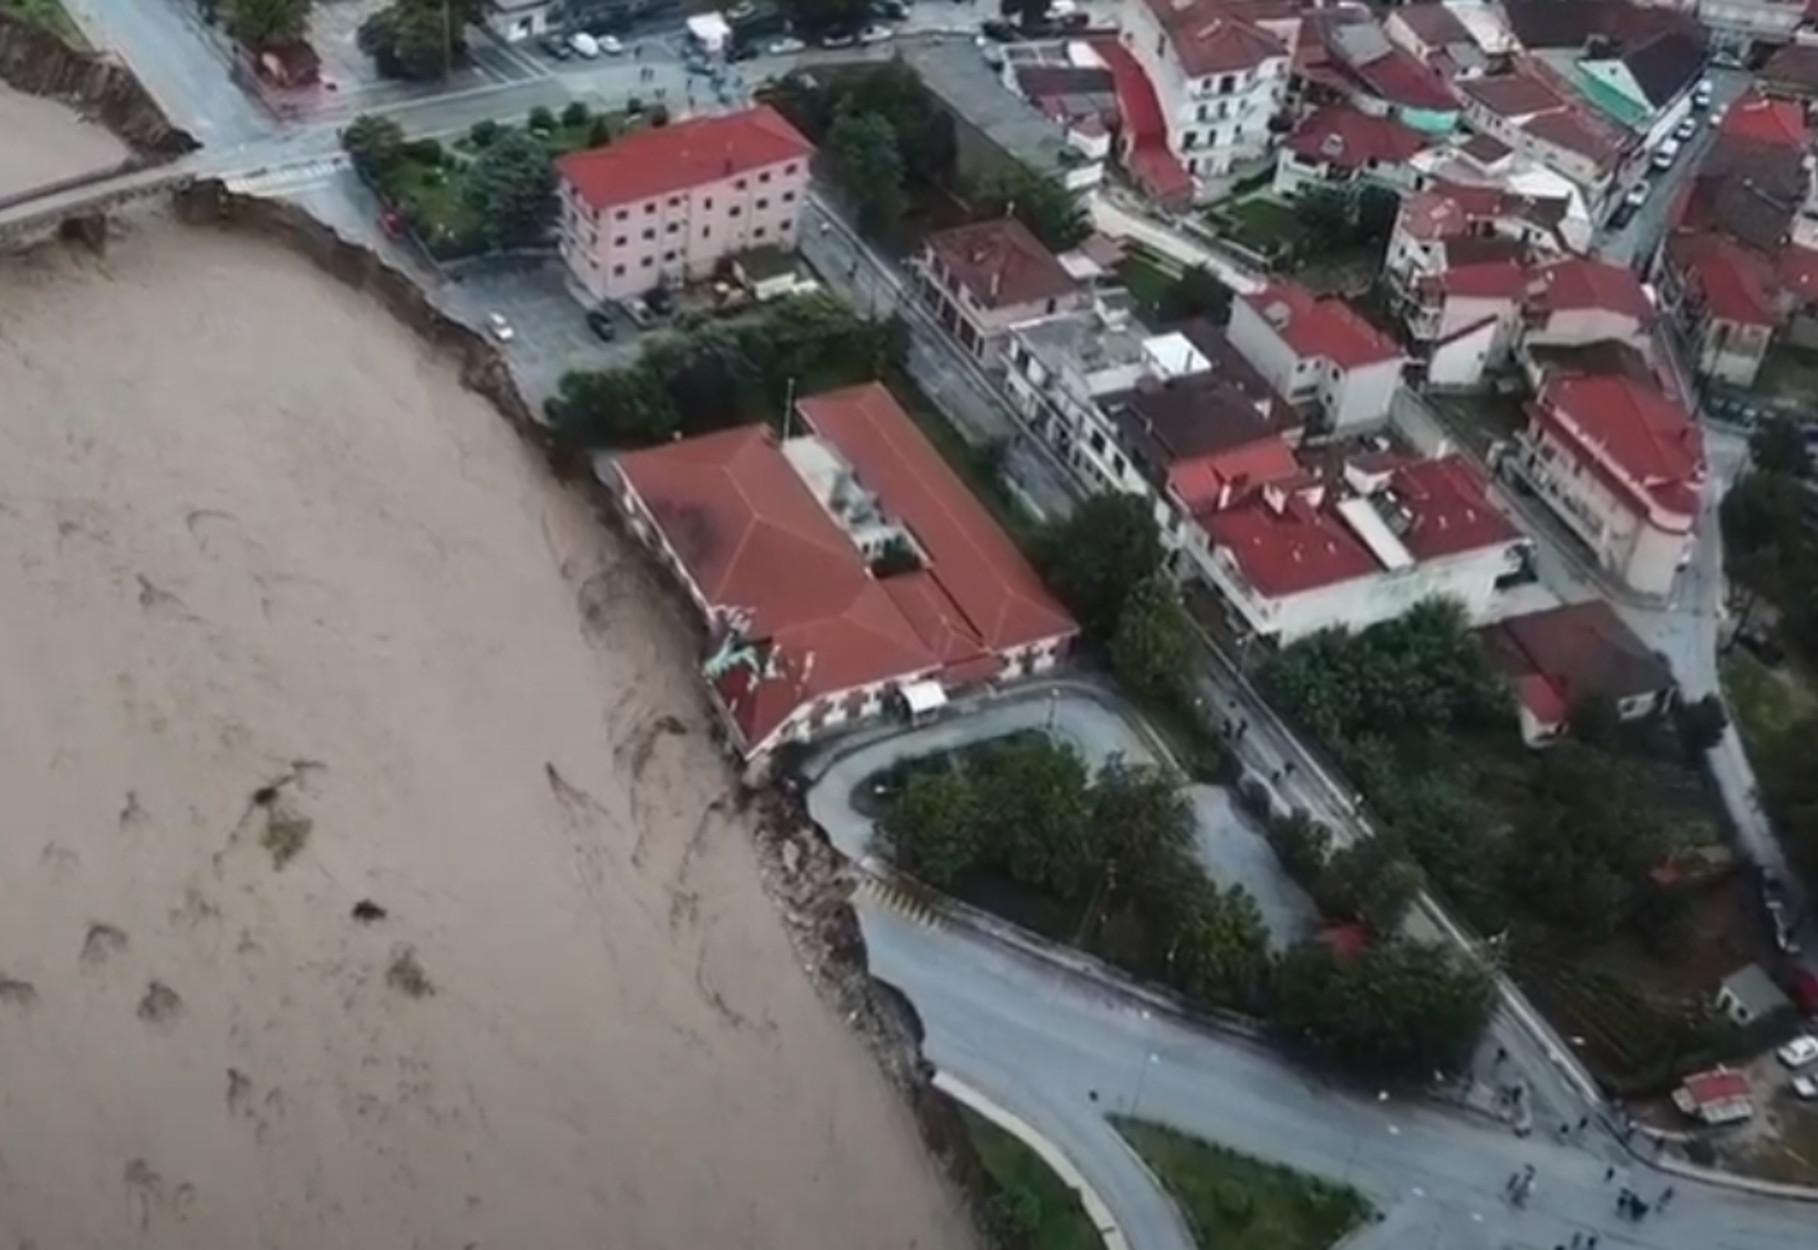 Ιανός: Αγωνία για τους αγνοούμενους στην Καρδίτσα – Νύχτα με πλημμύρες και απεγκλωβισμούς στην Κρήτη